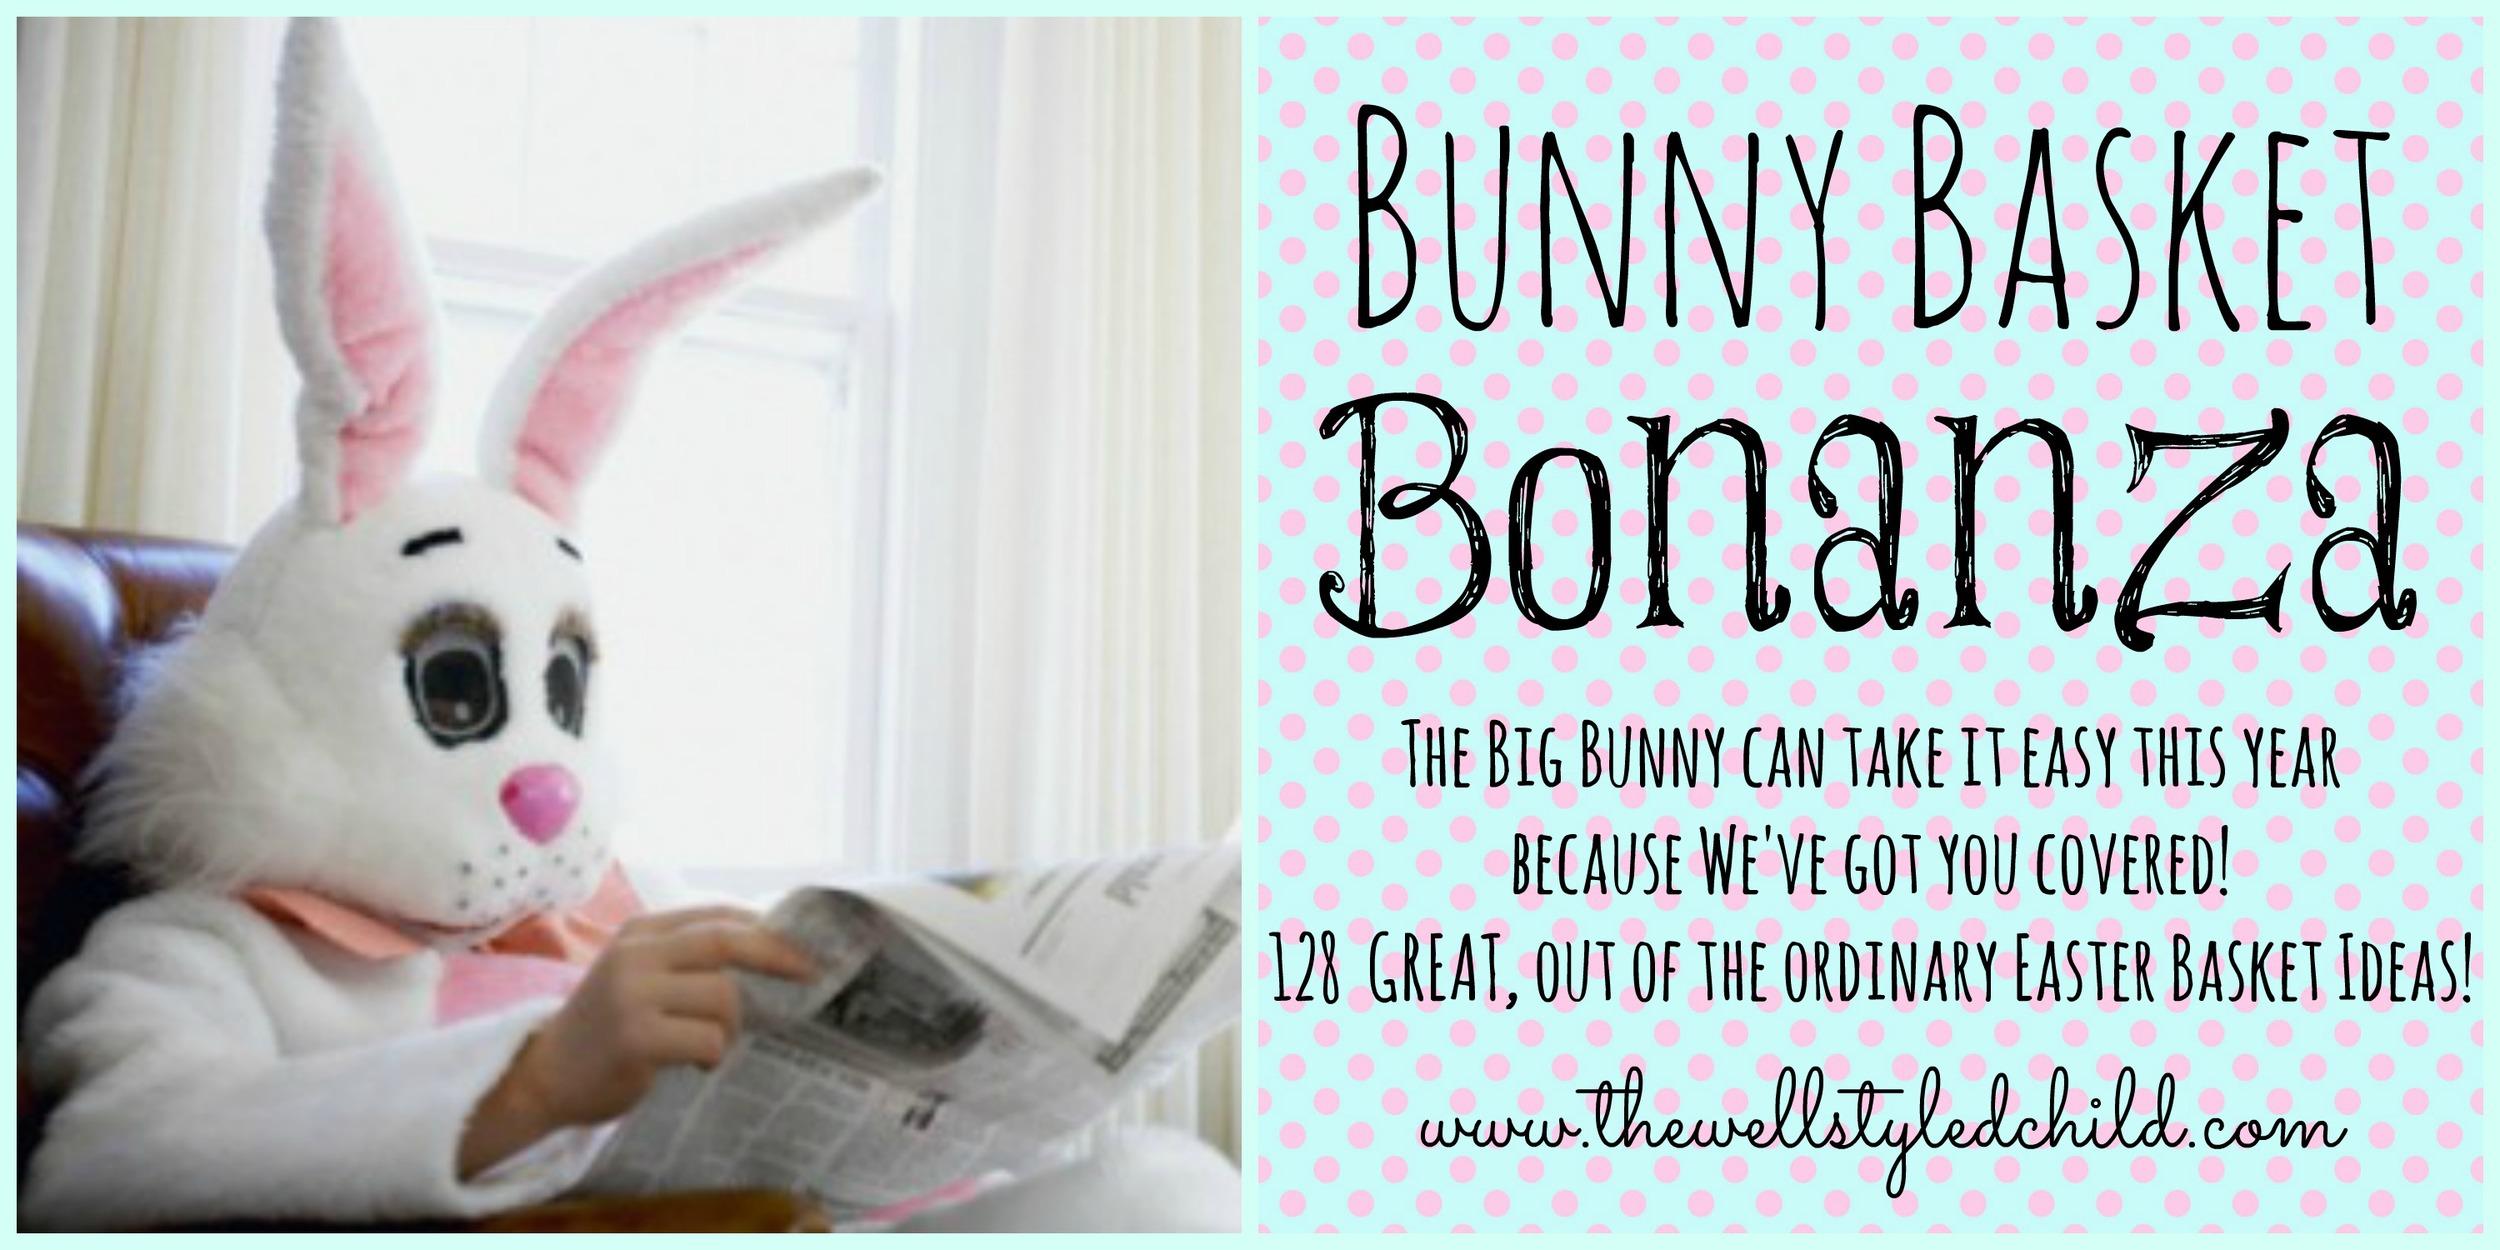 Bunny Basket Ideas Cover Photo.jpg